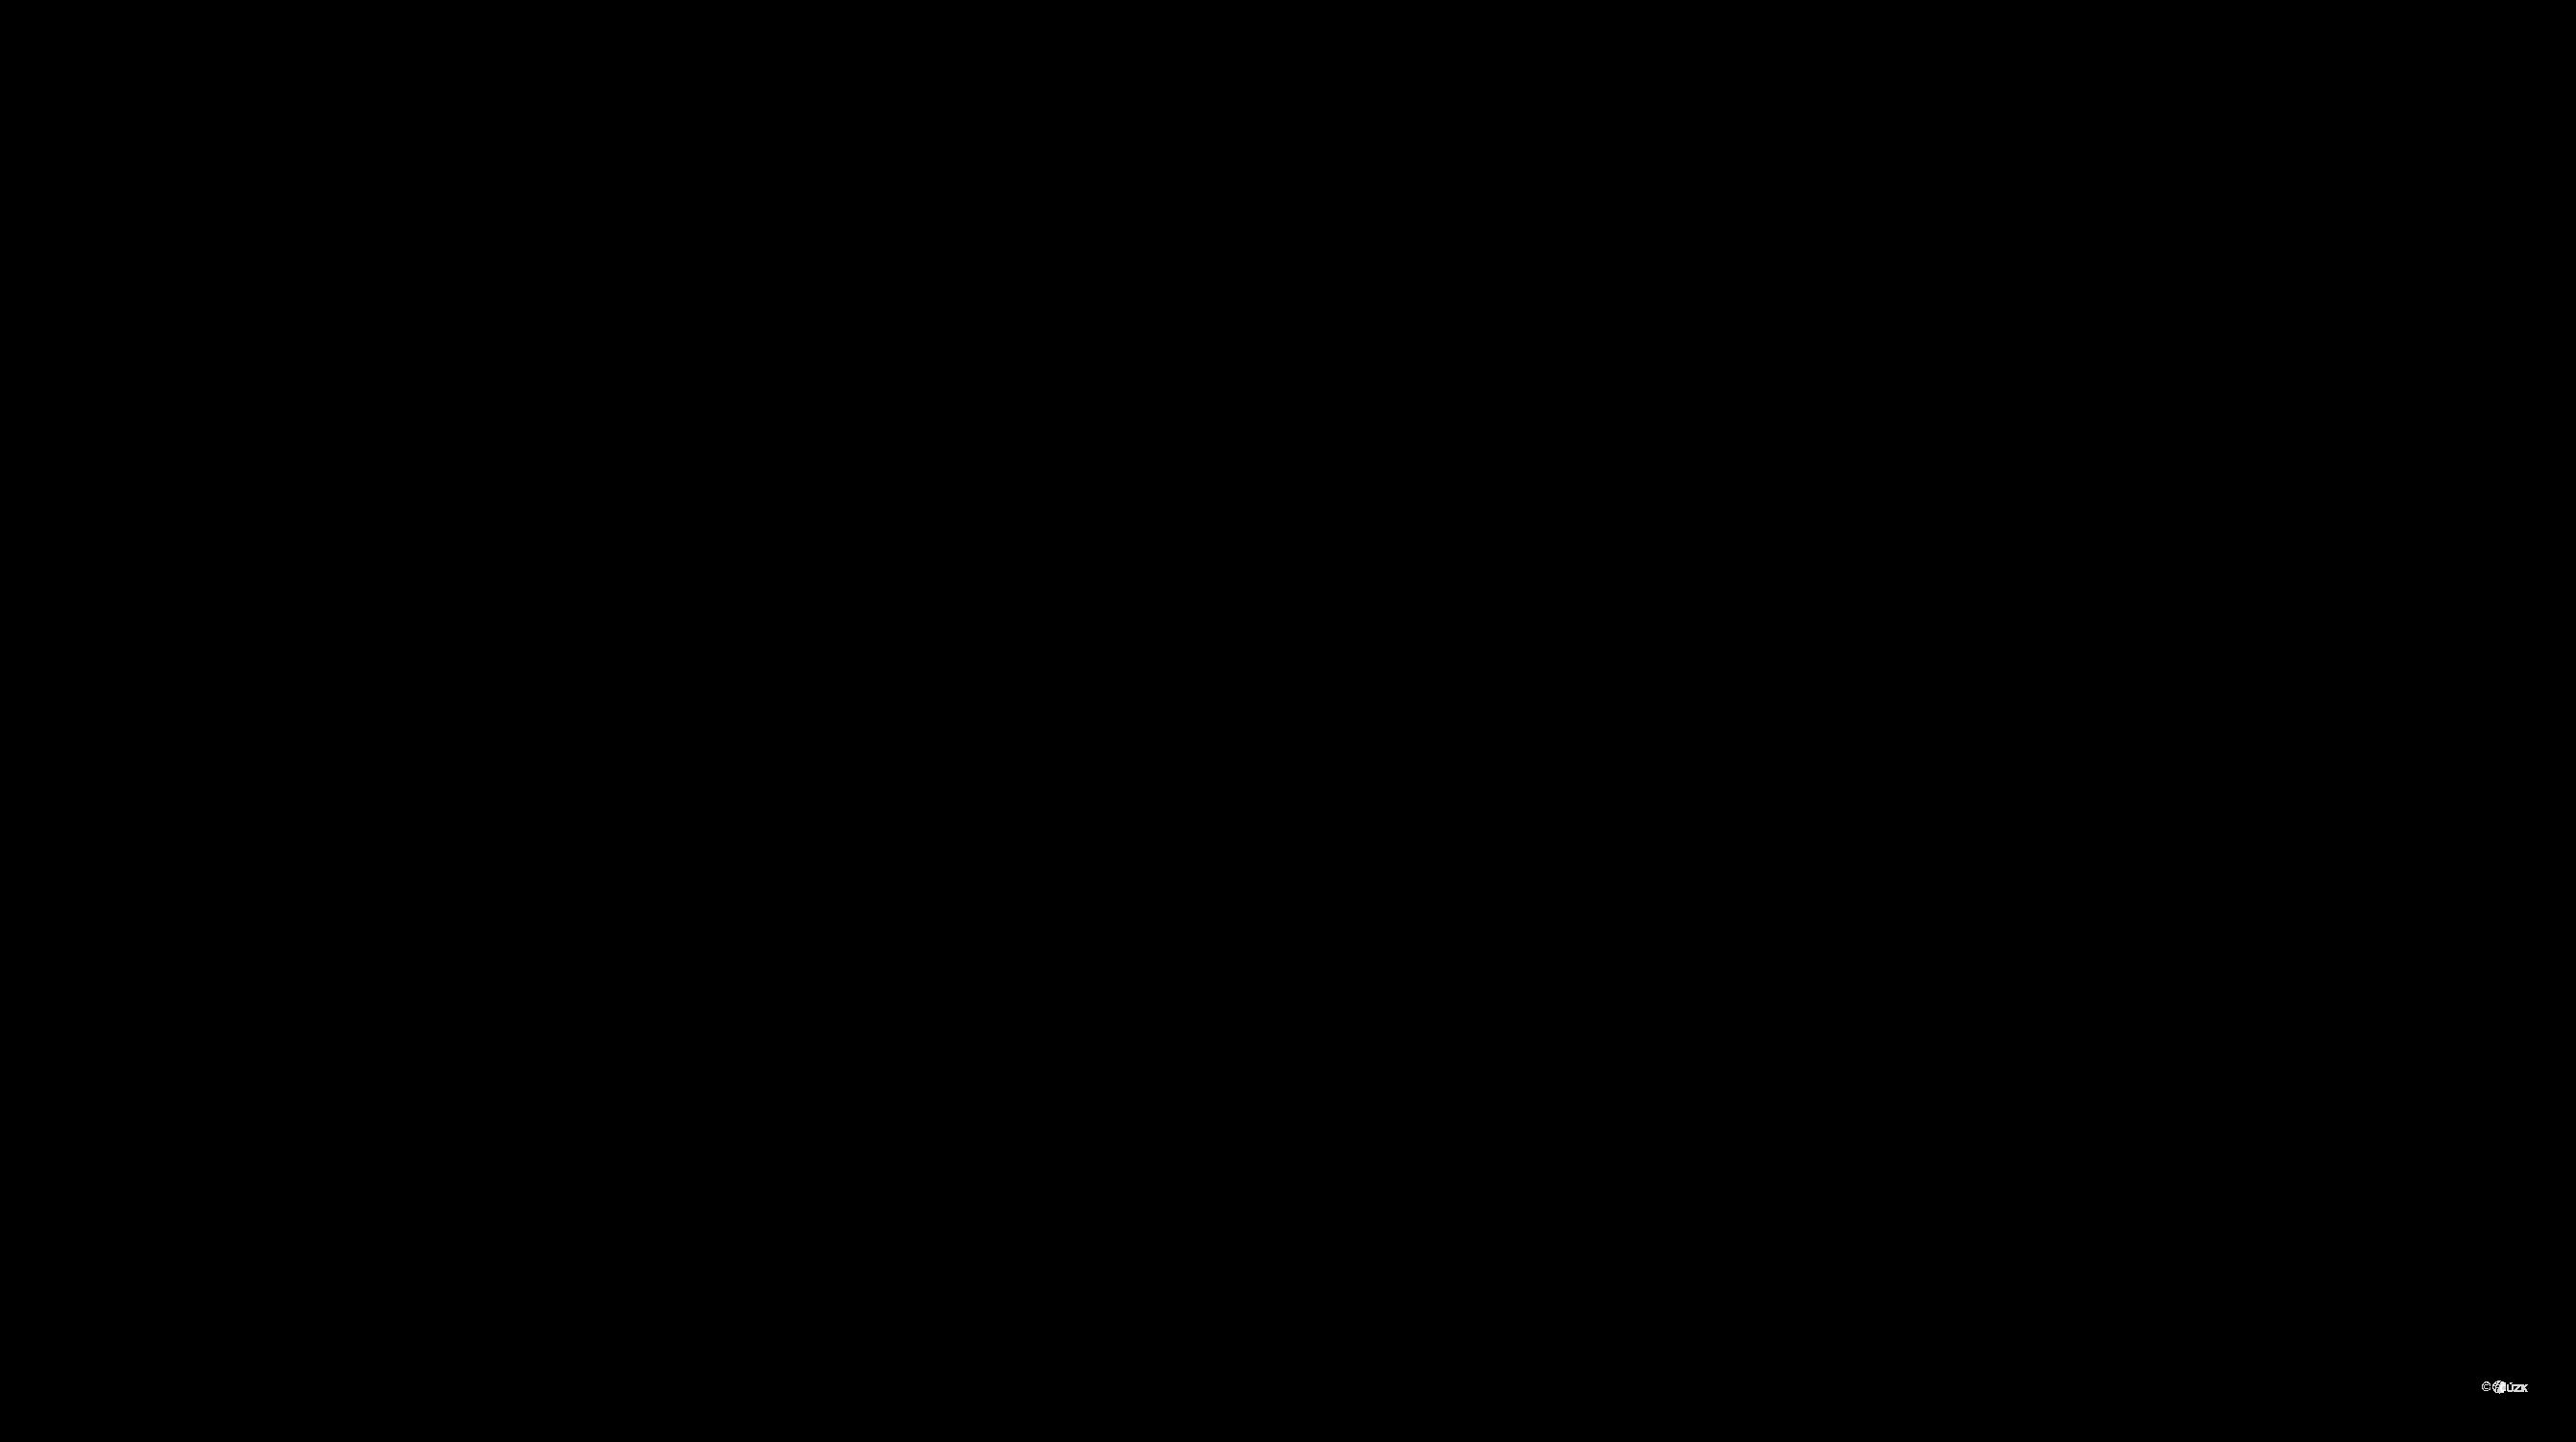 Katastrální mapa pozemků a čísla parcel Dlouhá Třebová